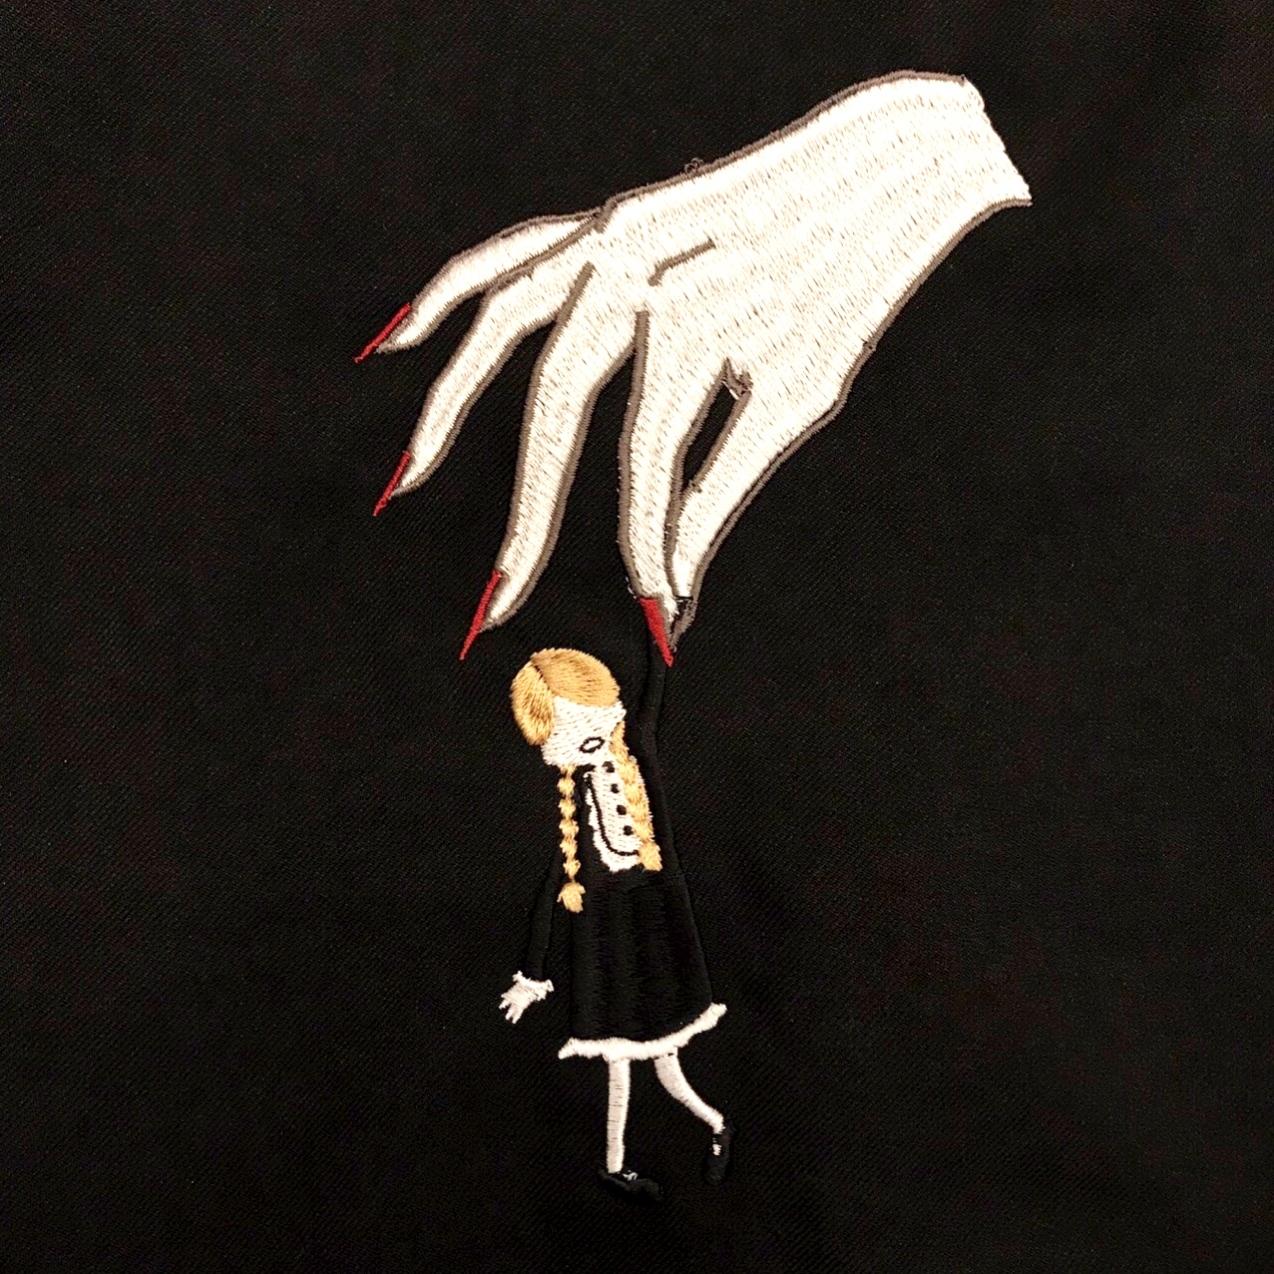 刺繍ワンピース(連れ去り少女/黒/長袖)